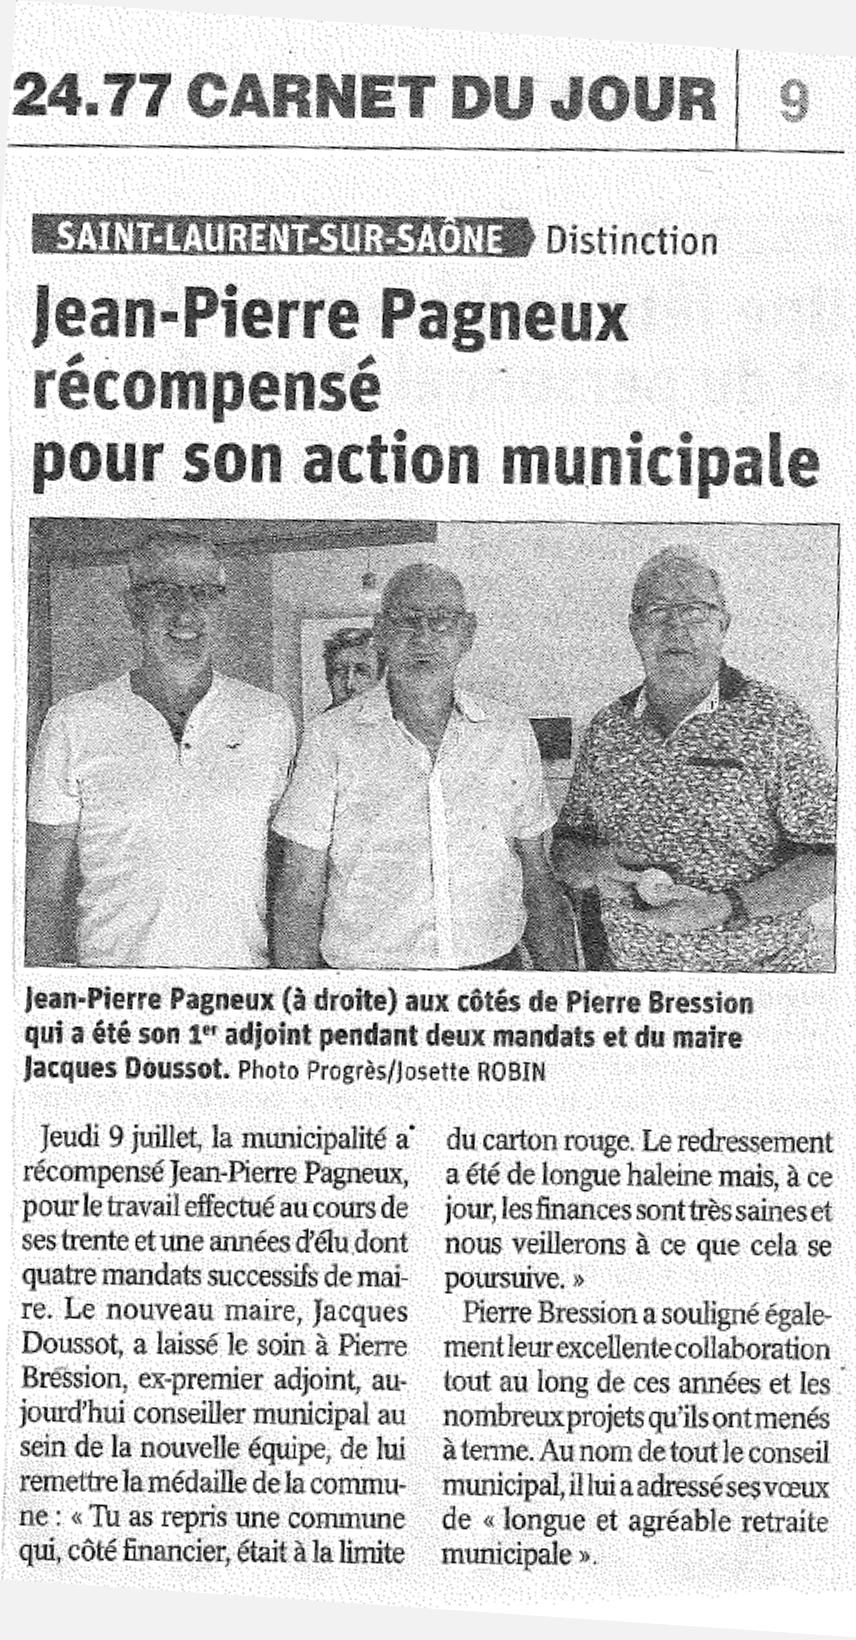 2020_07_Jean-Pierre Pagneux récompensé pour son action municipale_mairie de saint laurent sur saone